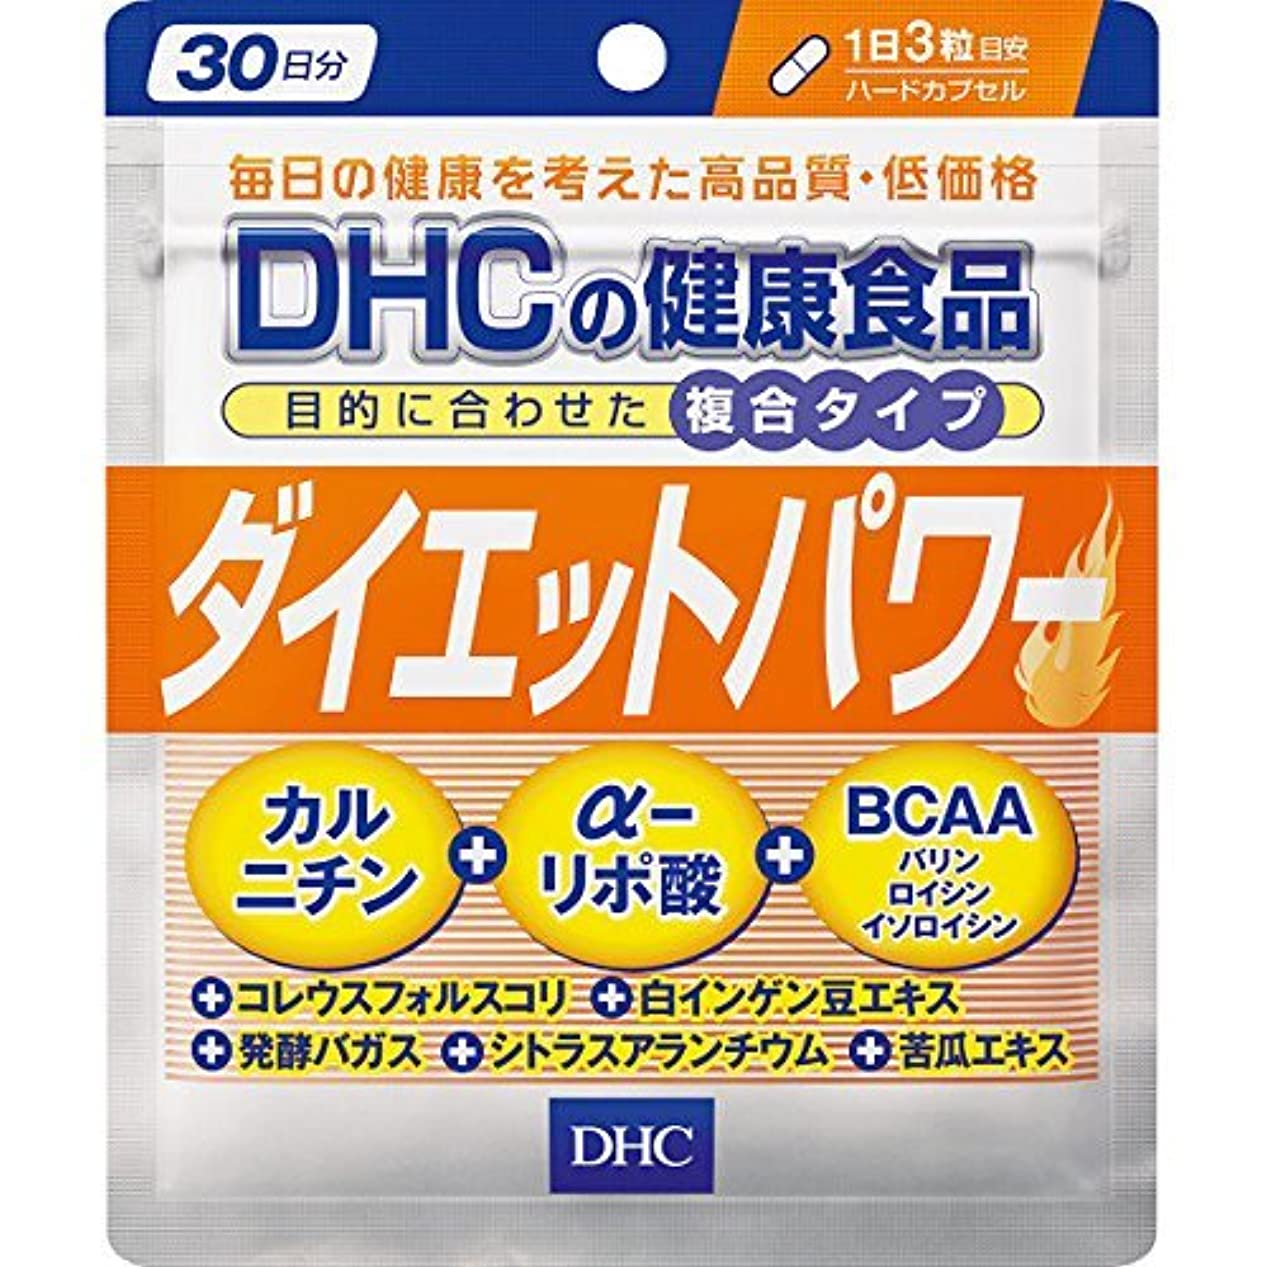 チャーム助手群れDHC ダイエットパワー 30日分